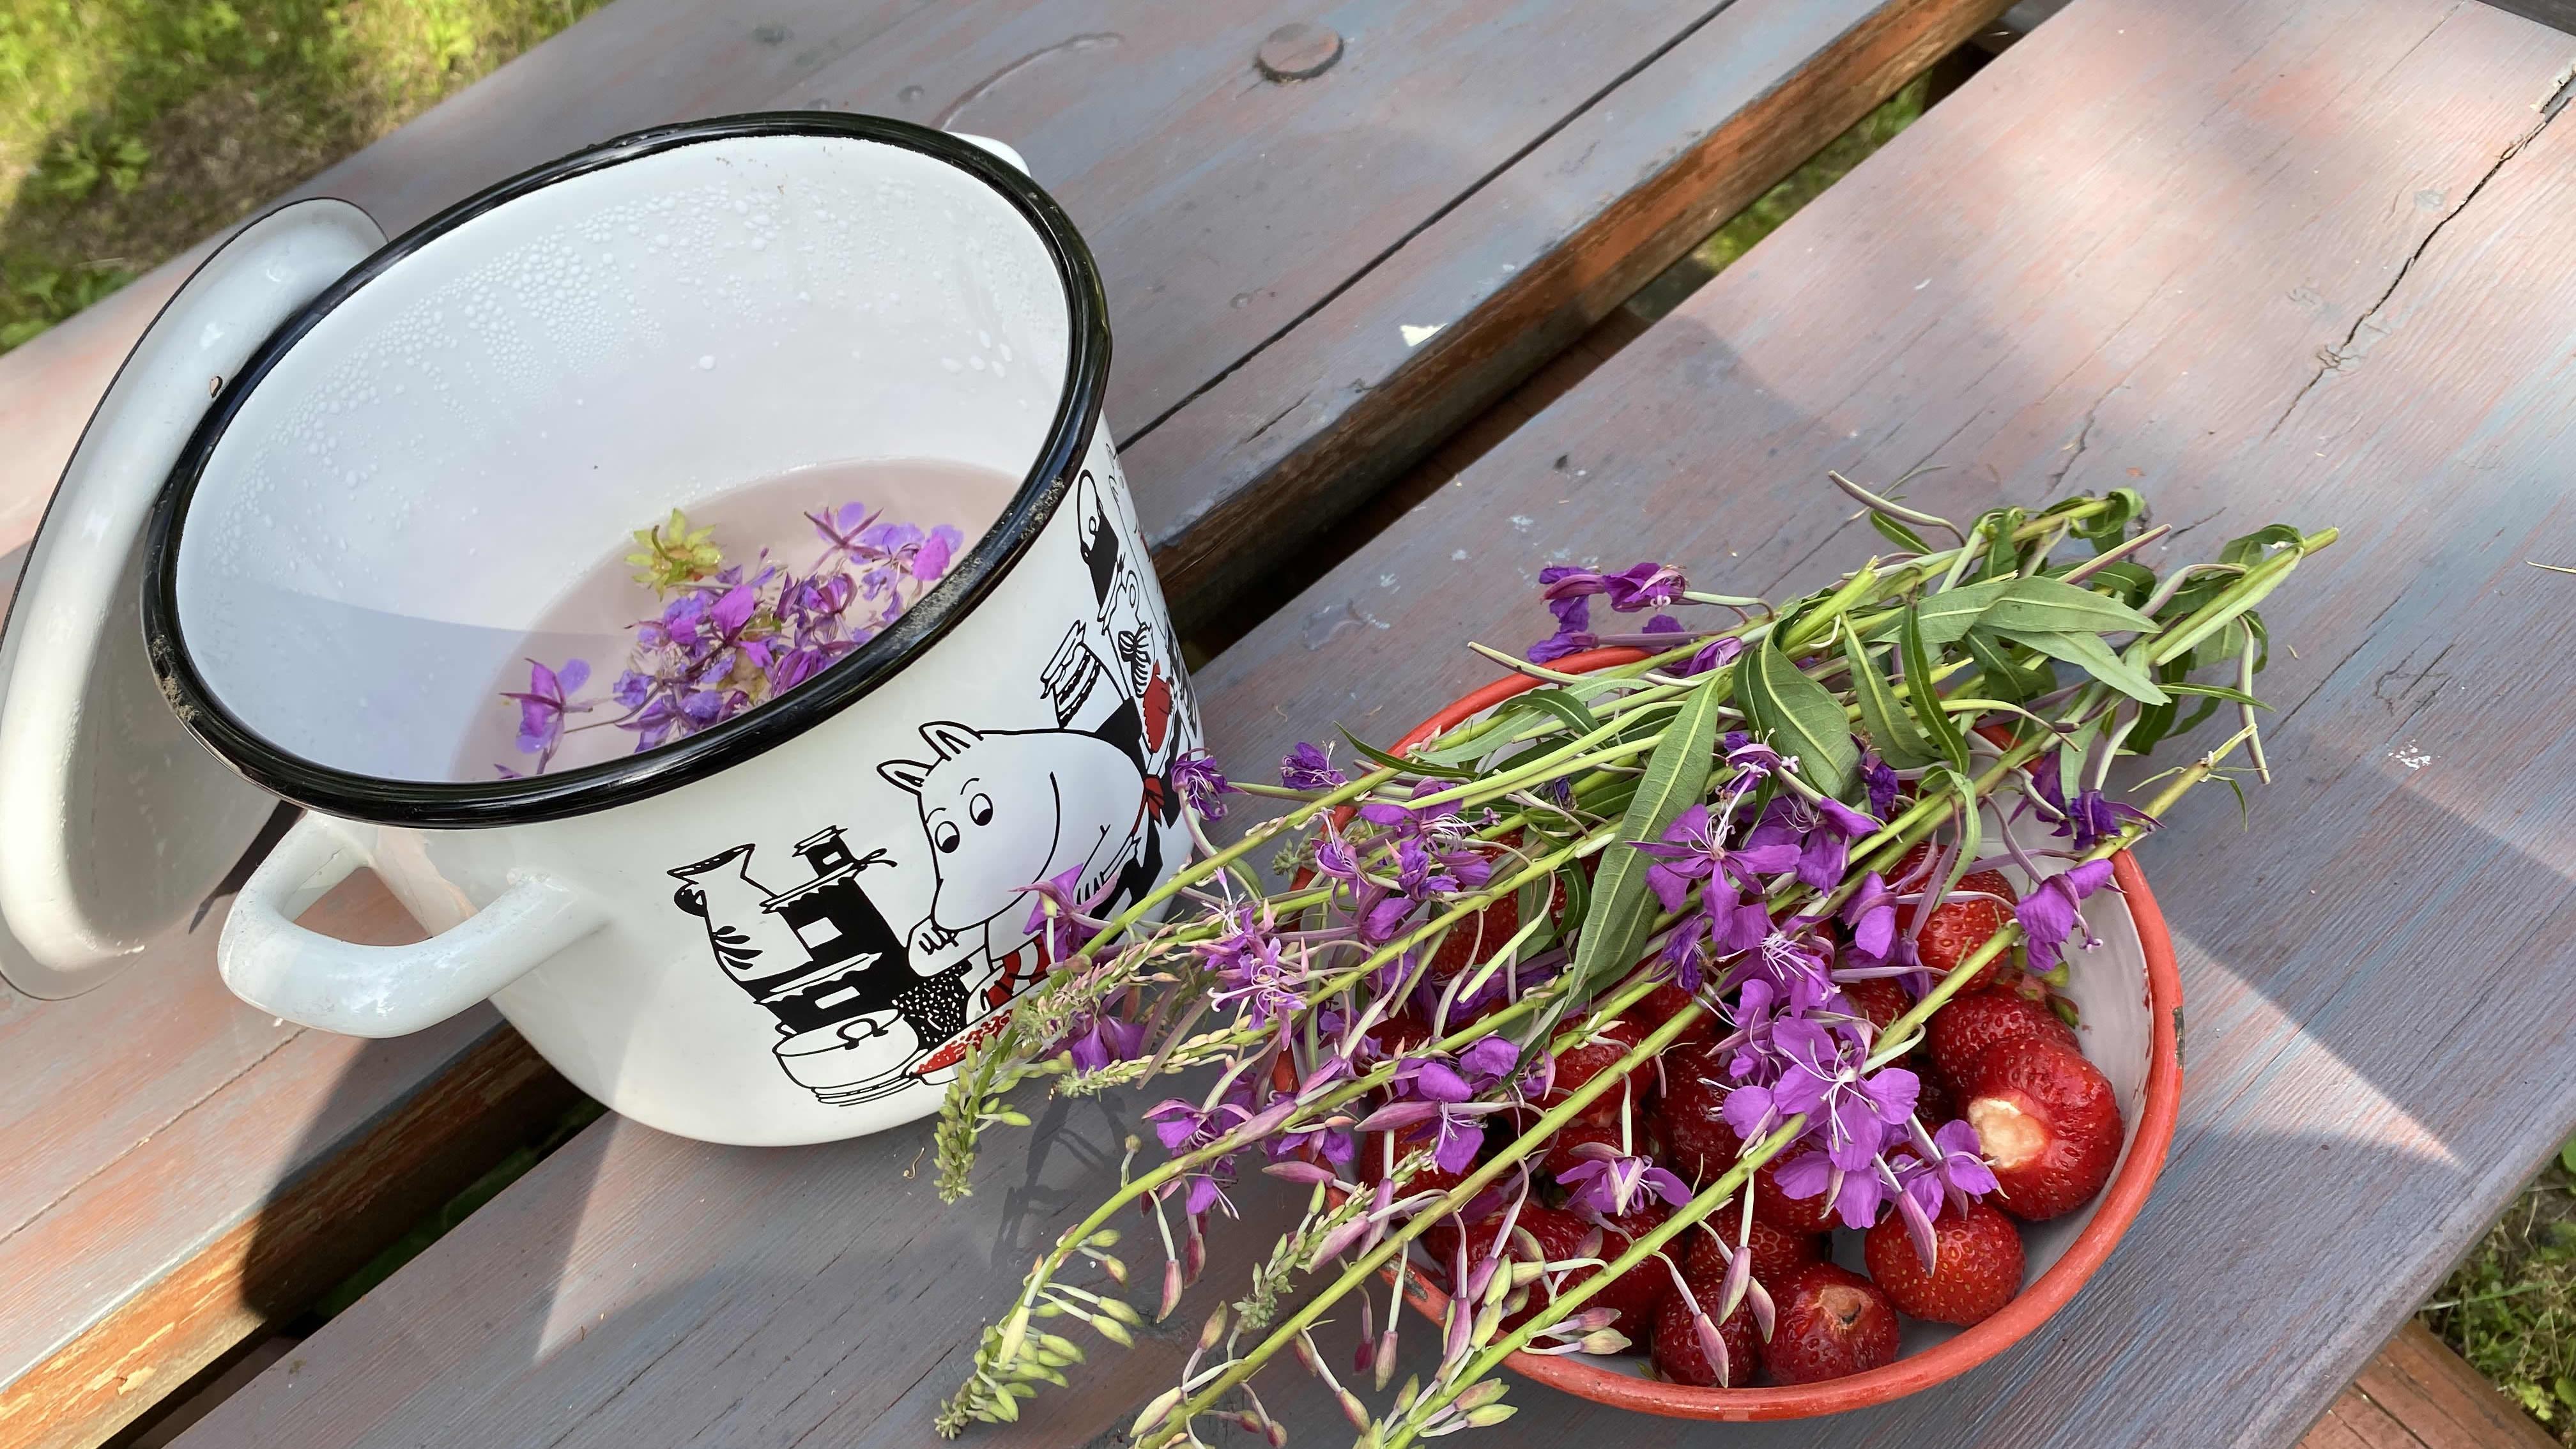 Näin valmistuu raikas kesäjuoma mansikasta ja maitohorsman kukista